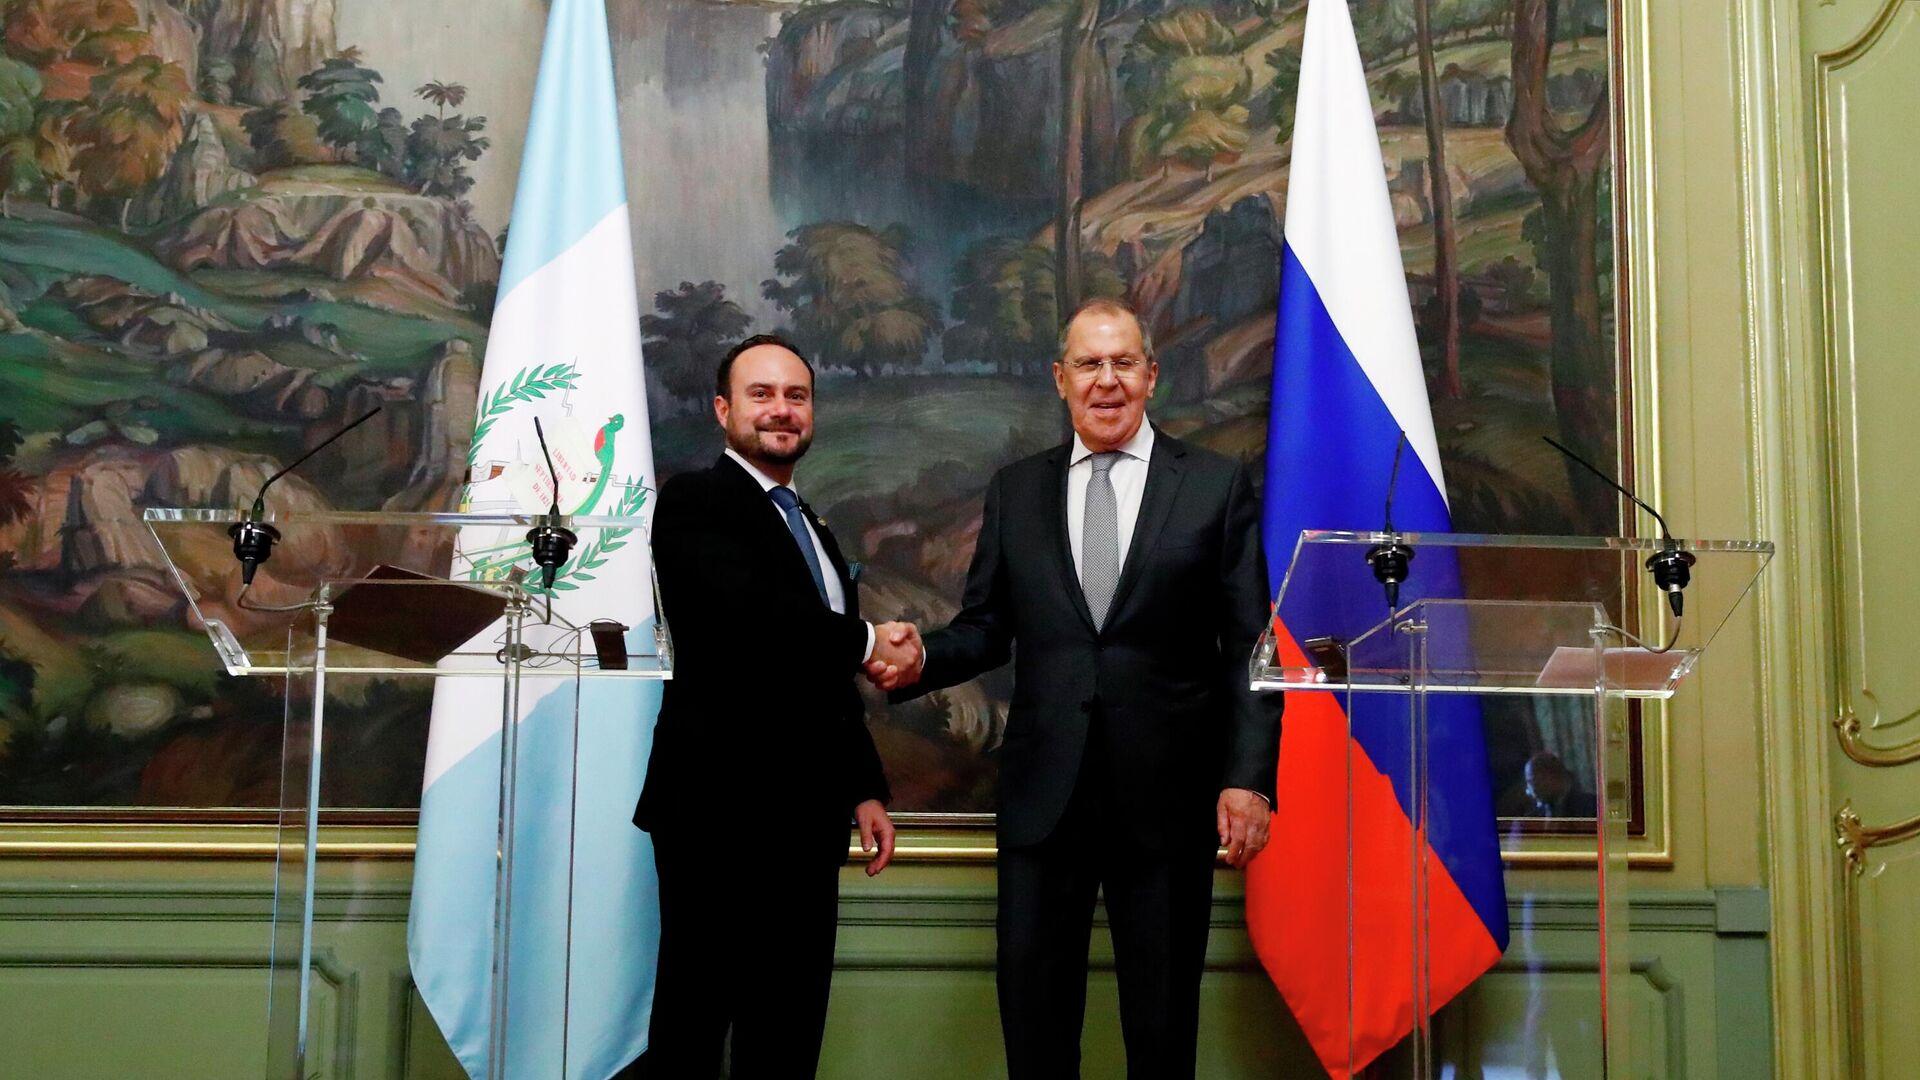 El ministro de Asuntos Exteriores de Rusia, Serguéi Lavrov, y su par de Guatemala, Pedro Brolo - Sputnik Mundo, 1920, 24.06.2021